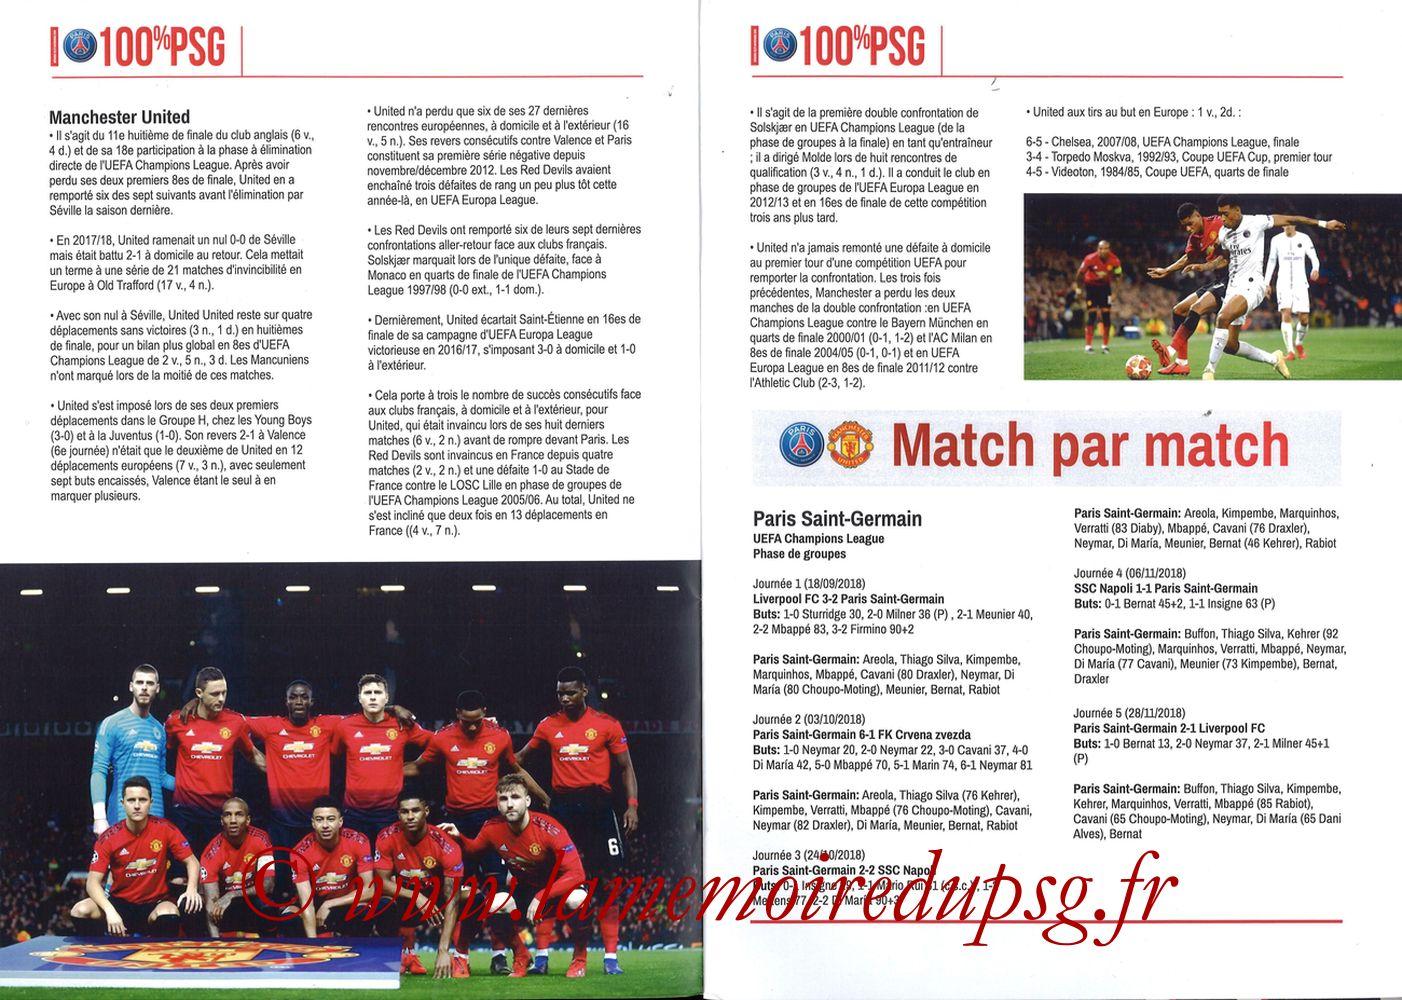 2019-03-06  PSG-Manchester United (8ème Retour C1, 100% PSG N° 181) - Pages 04 et 05